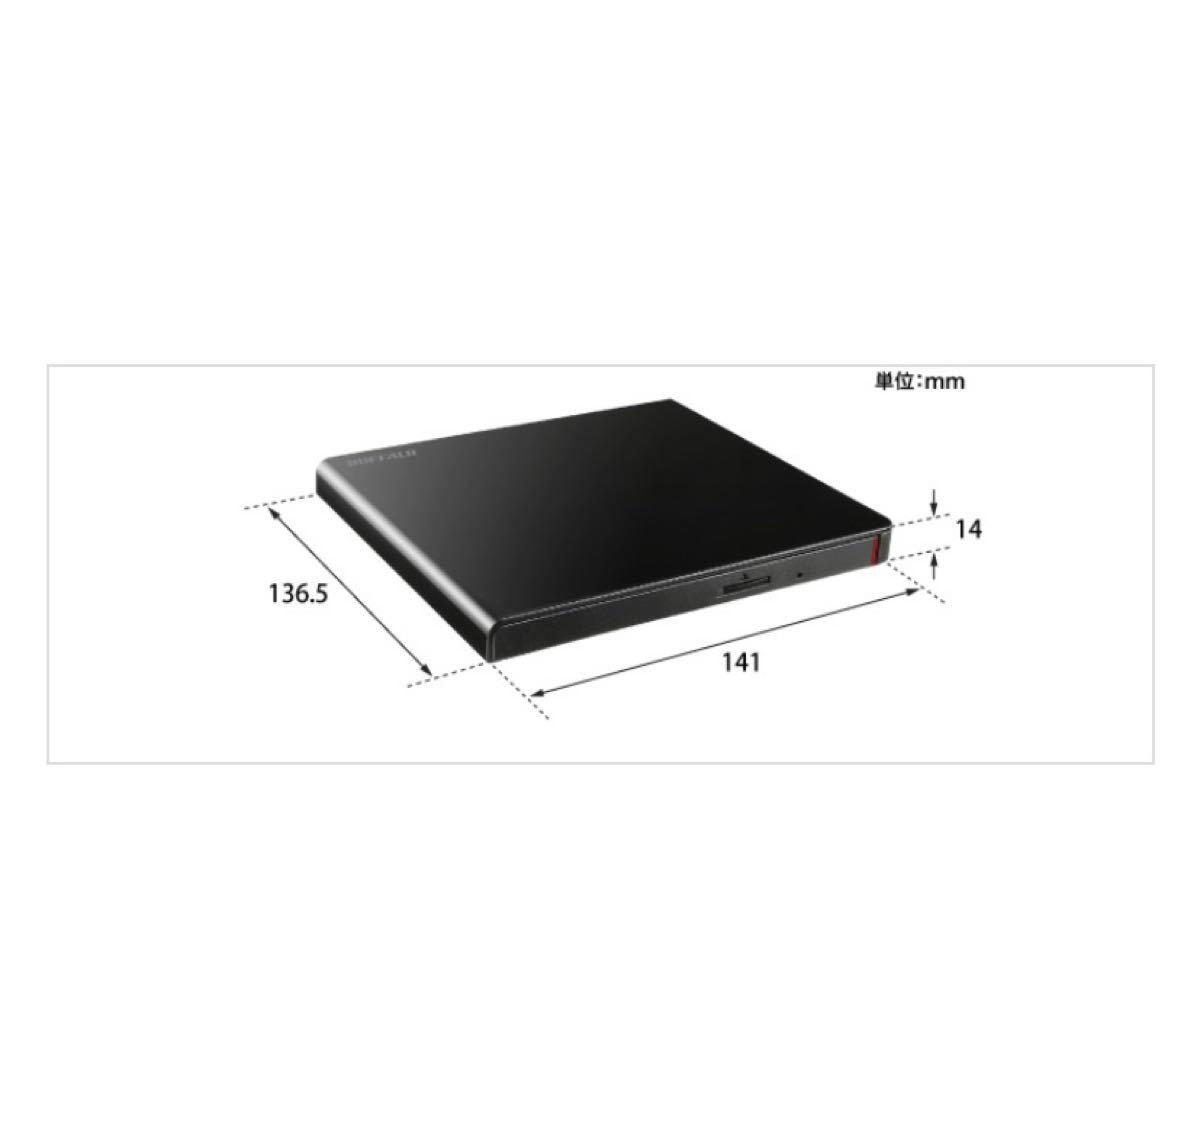 【PCでのDVD鑑賞に!】パソコン用外付けHDDドライブ+HDMIケーブル